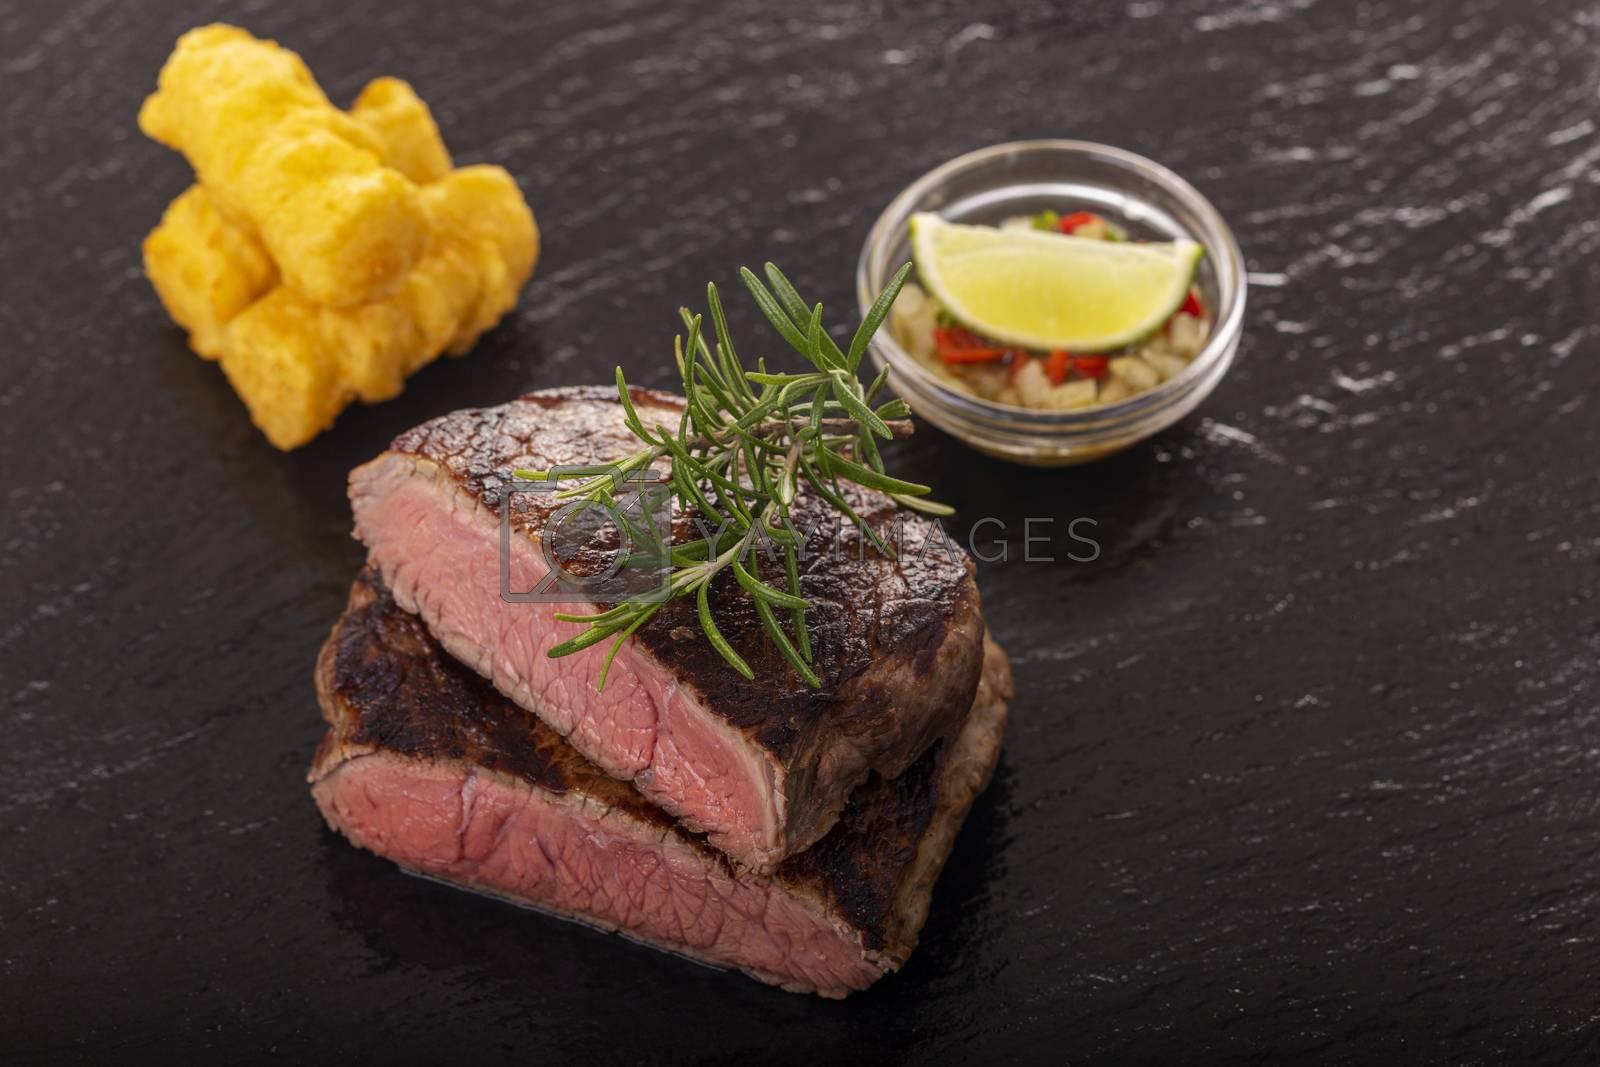 slices of grilled steak on black slate